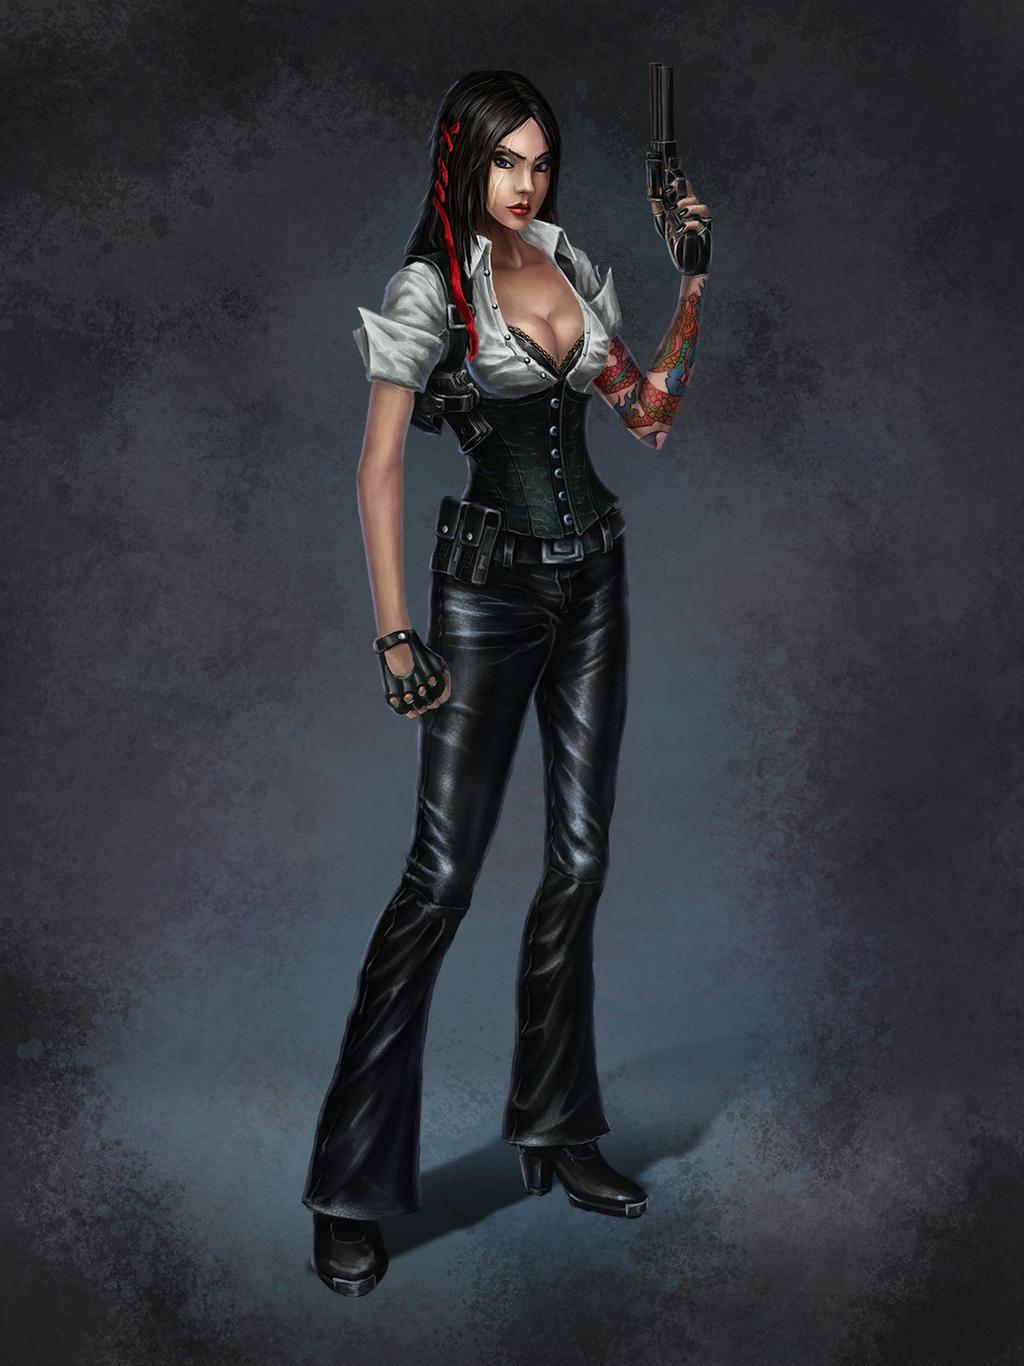 Gangster girl by dima-sharakGangsta Artwork